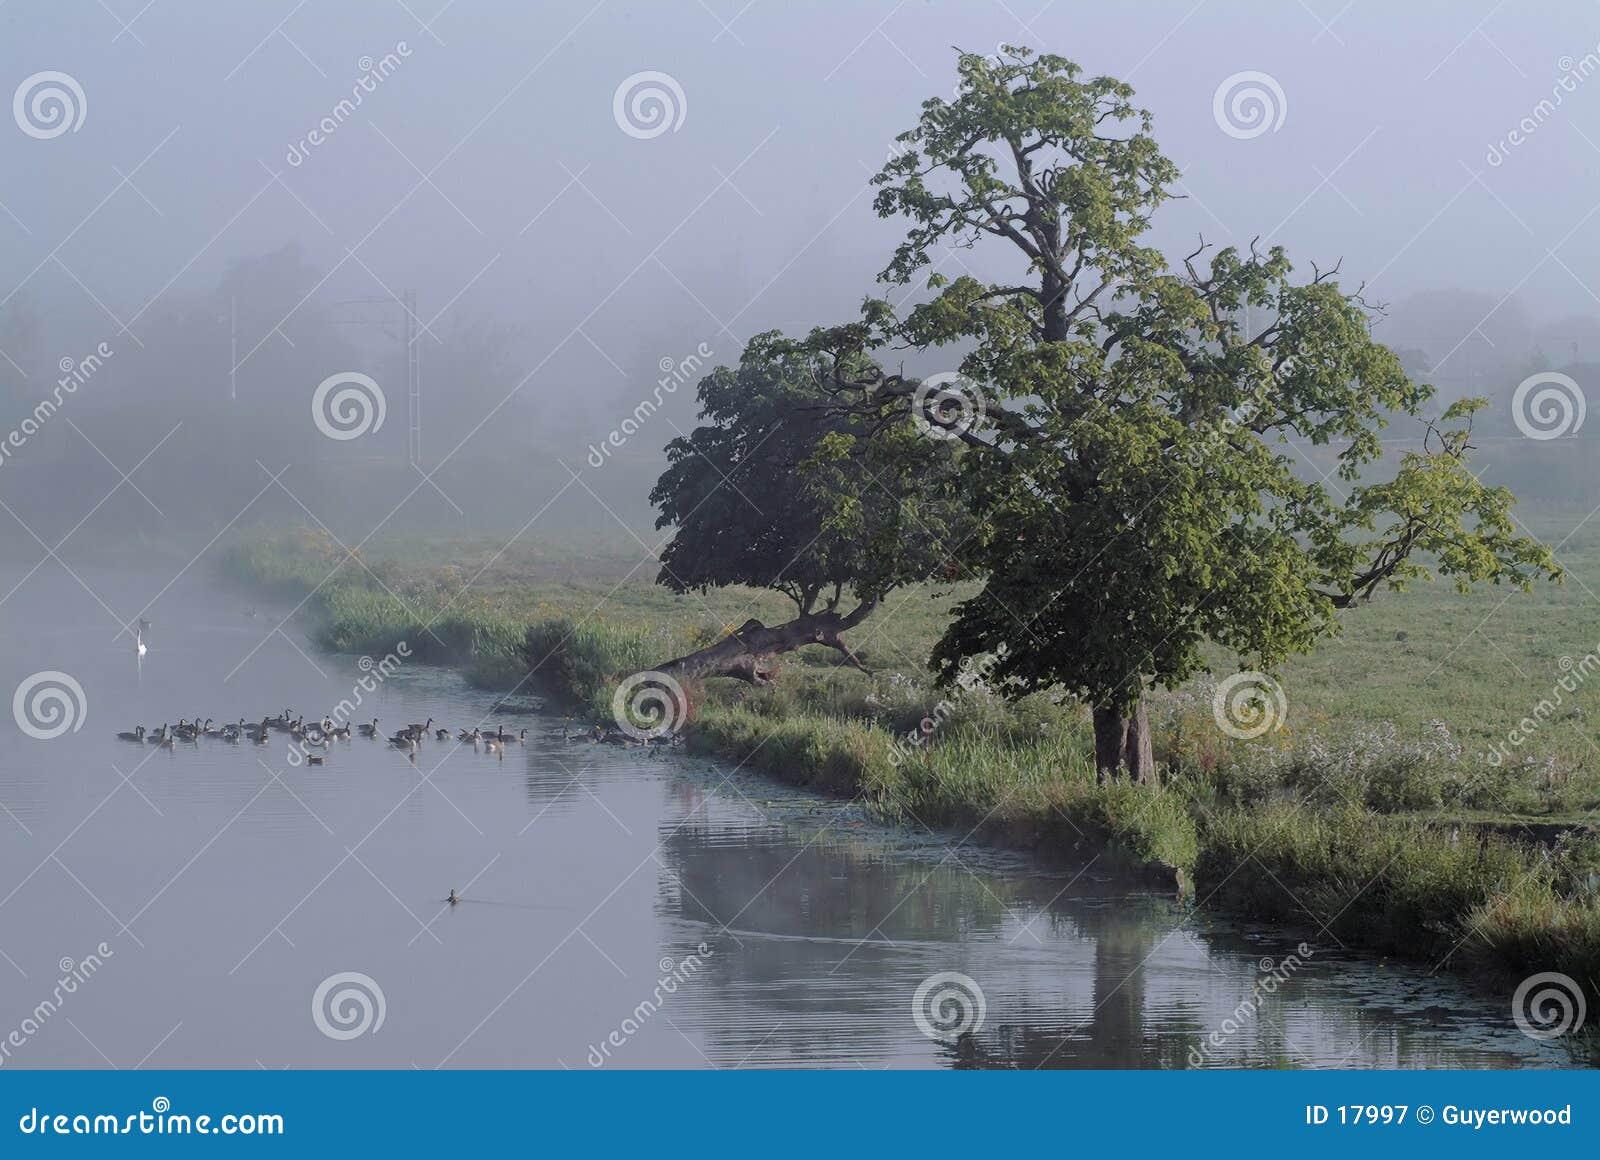 有薄雾的早晨河沿